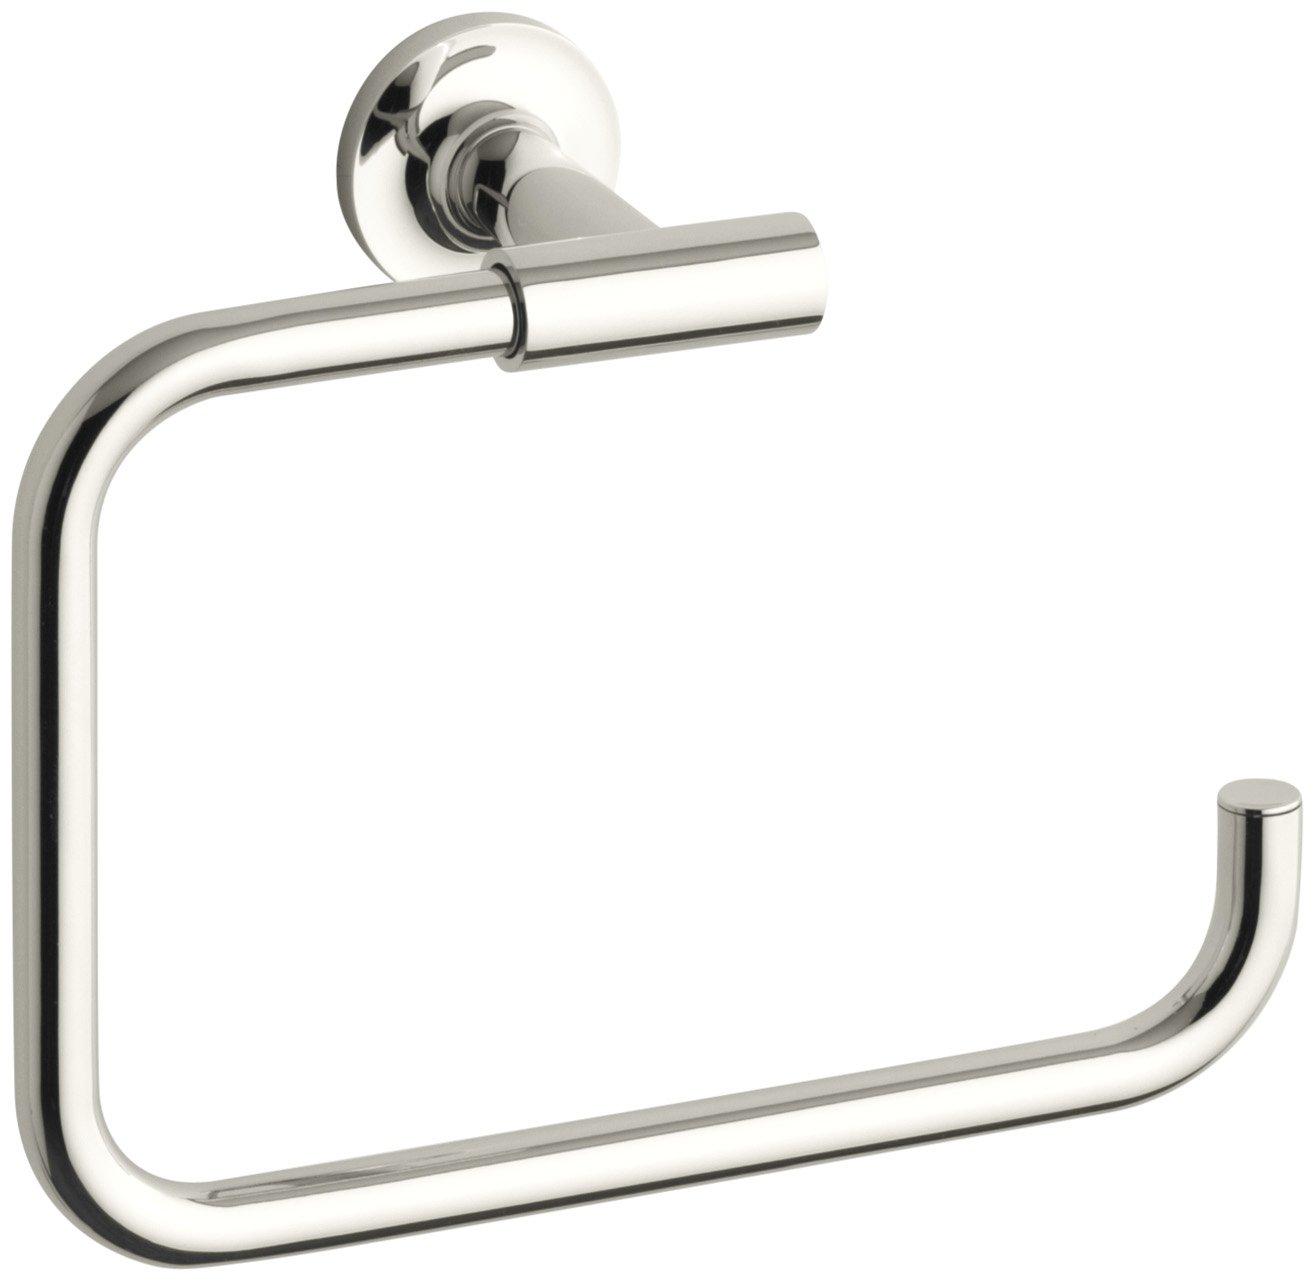 KOHLER K-14441-SN Purist Towel Ring, Vibrant